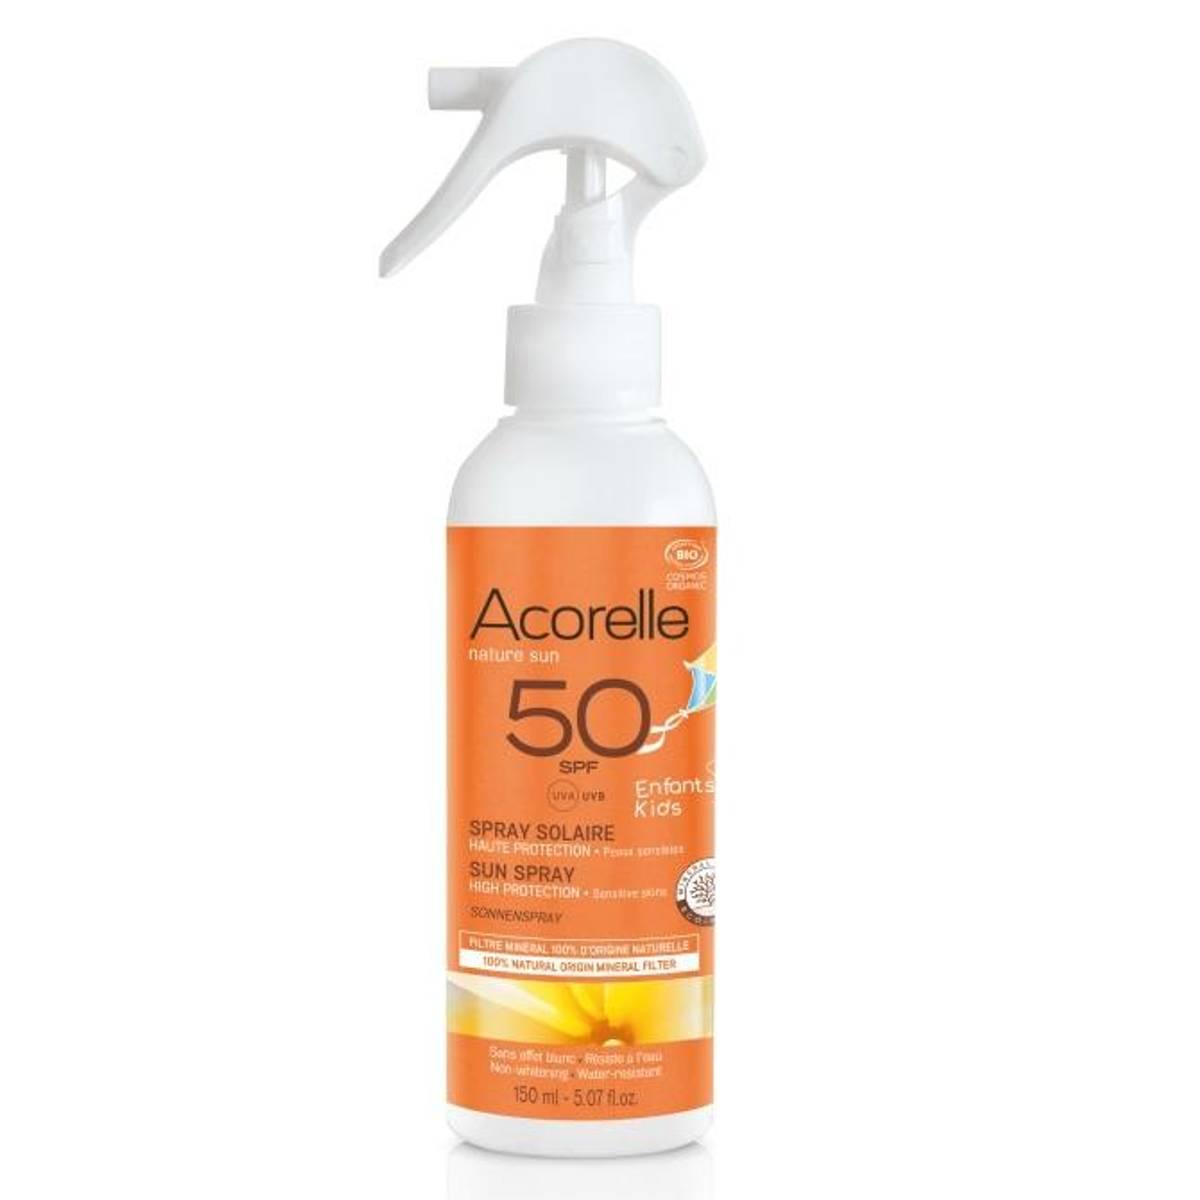 Acorelle Kids Sun Spray SPF 50 - 150 ml